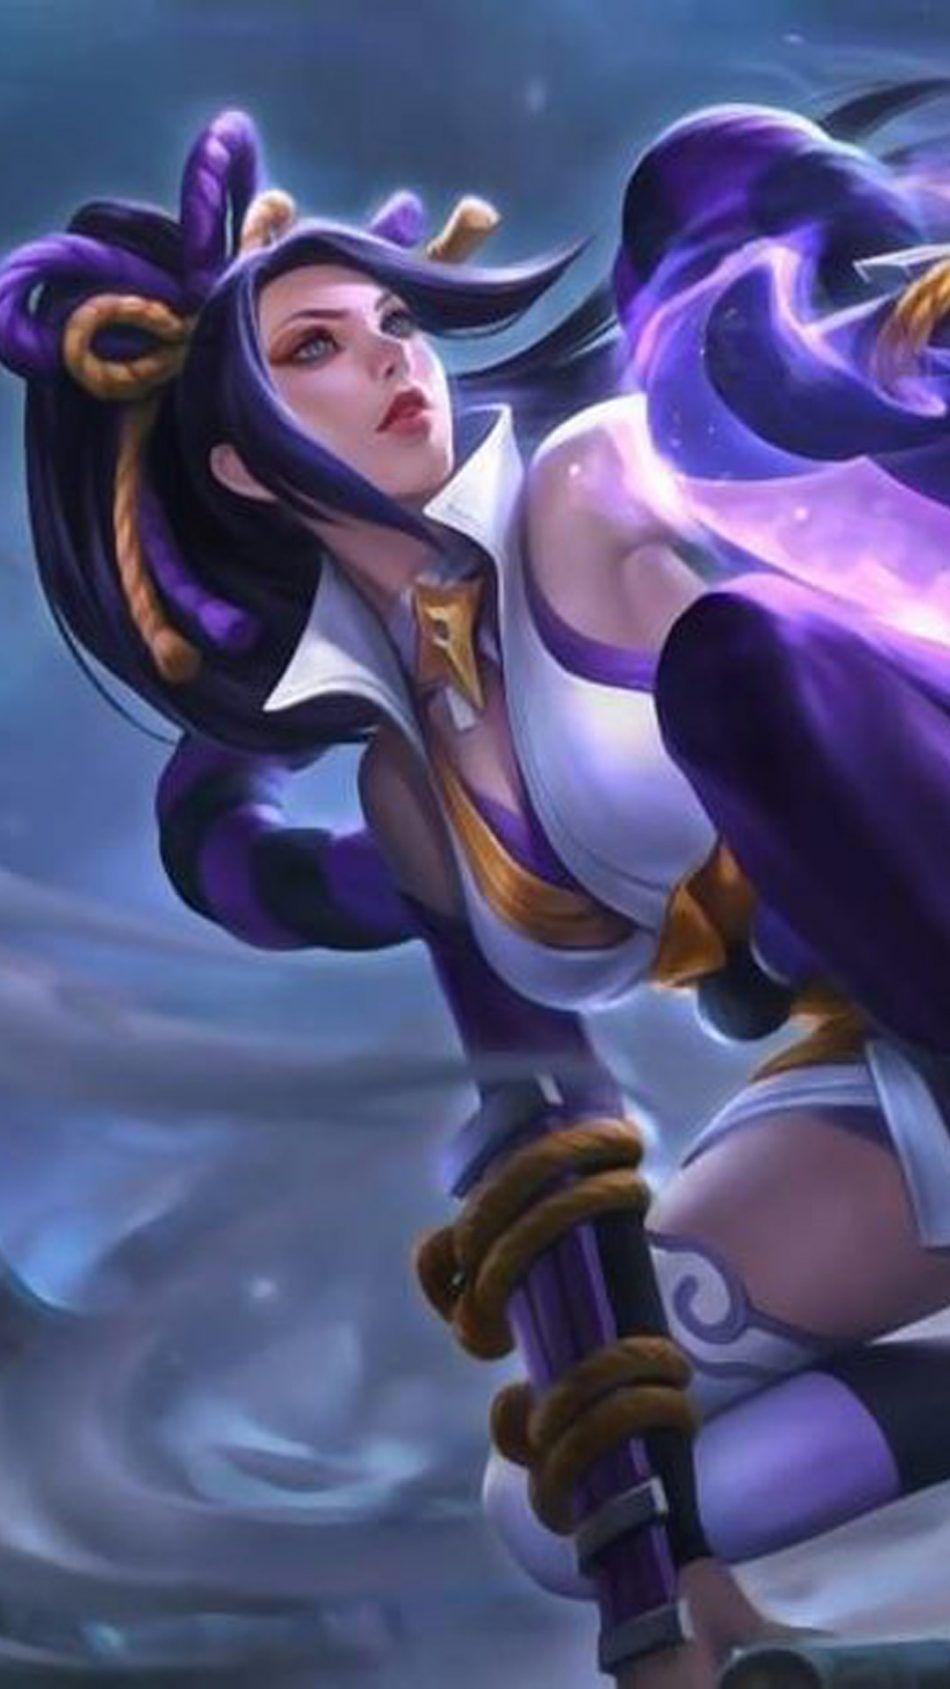 hanabi resplendent iris mobile legends | mobile legend